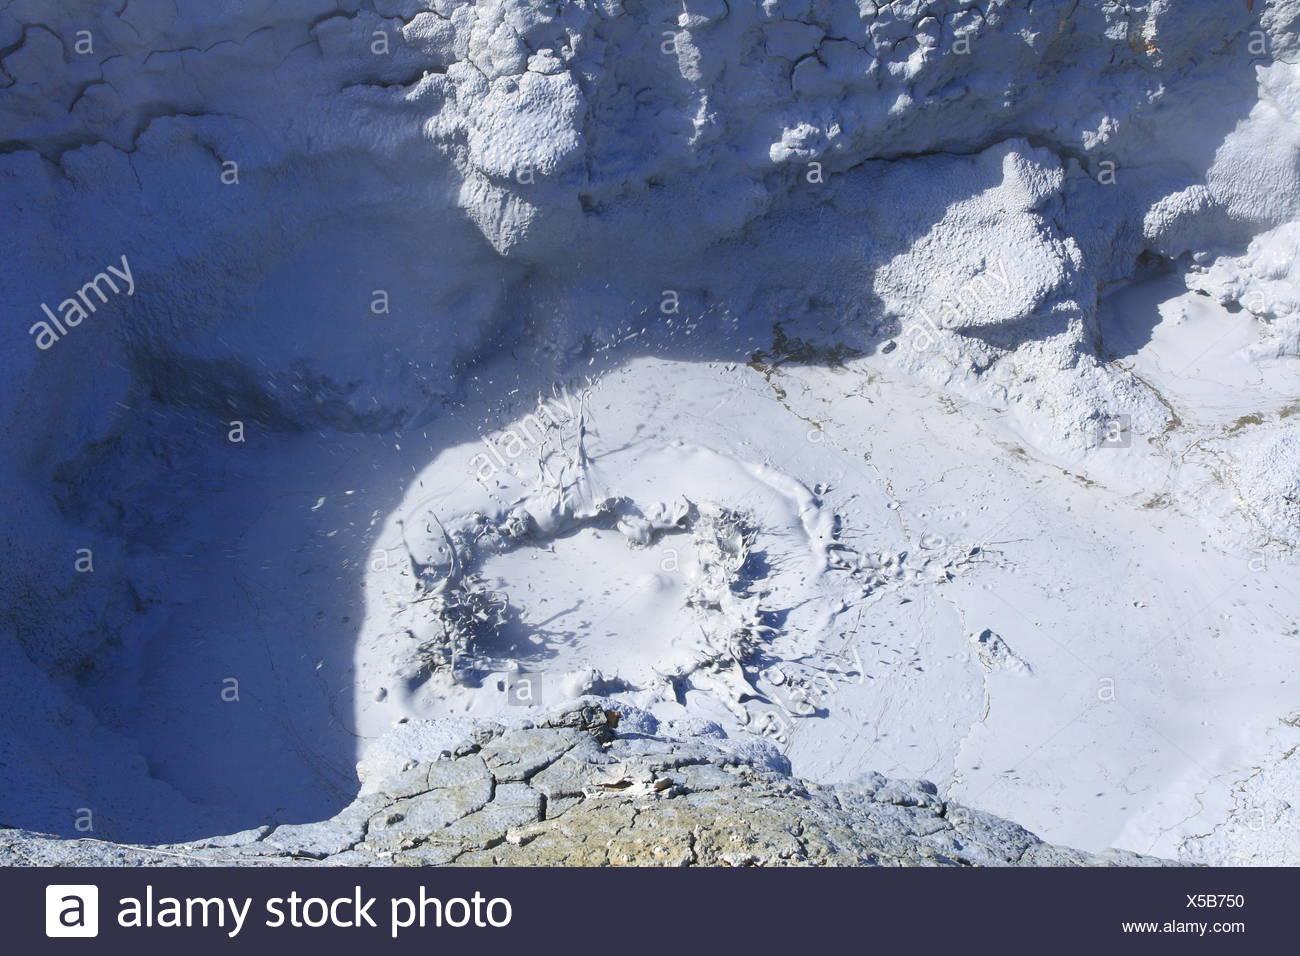 La energía geotérmica en Islandia Imagen De Stock